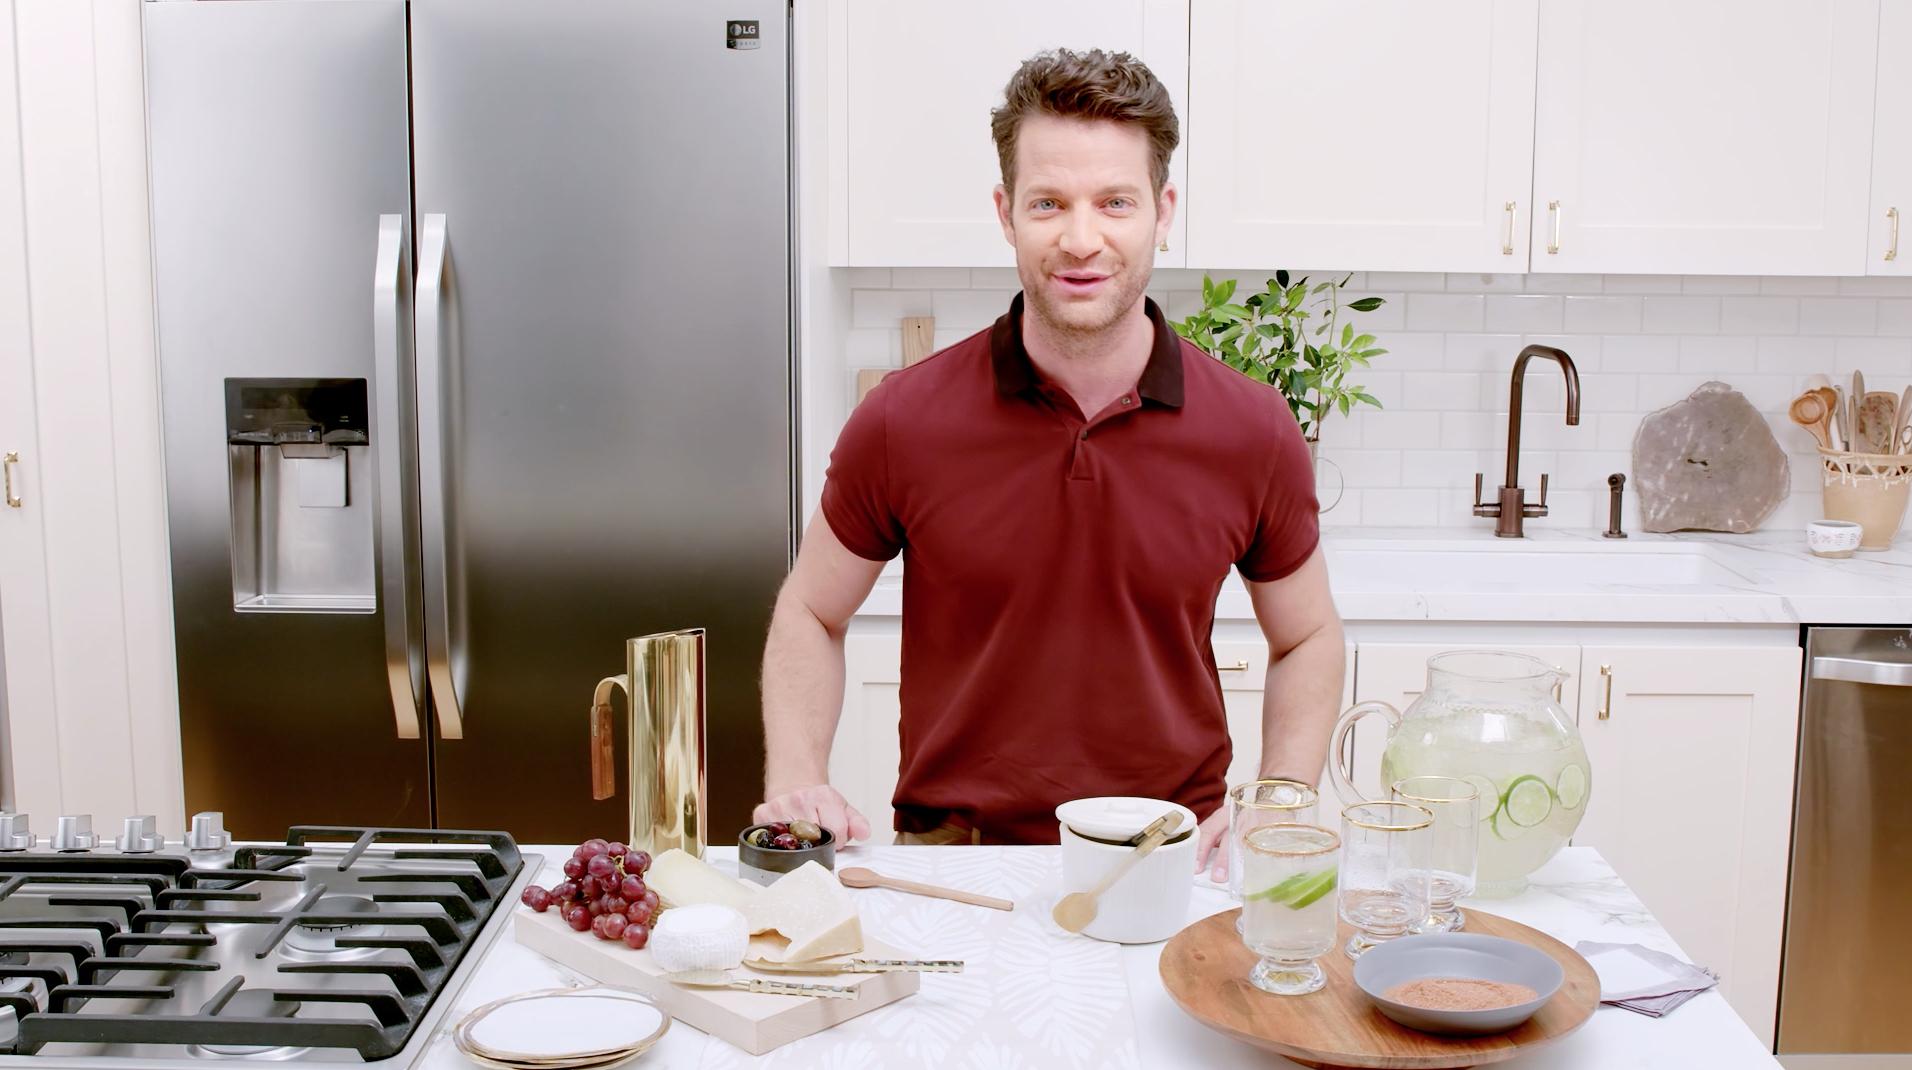 5 Best Kitchen Remodel Ideas - Nate Berkus Tips